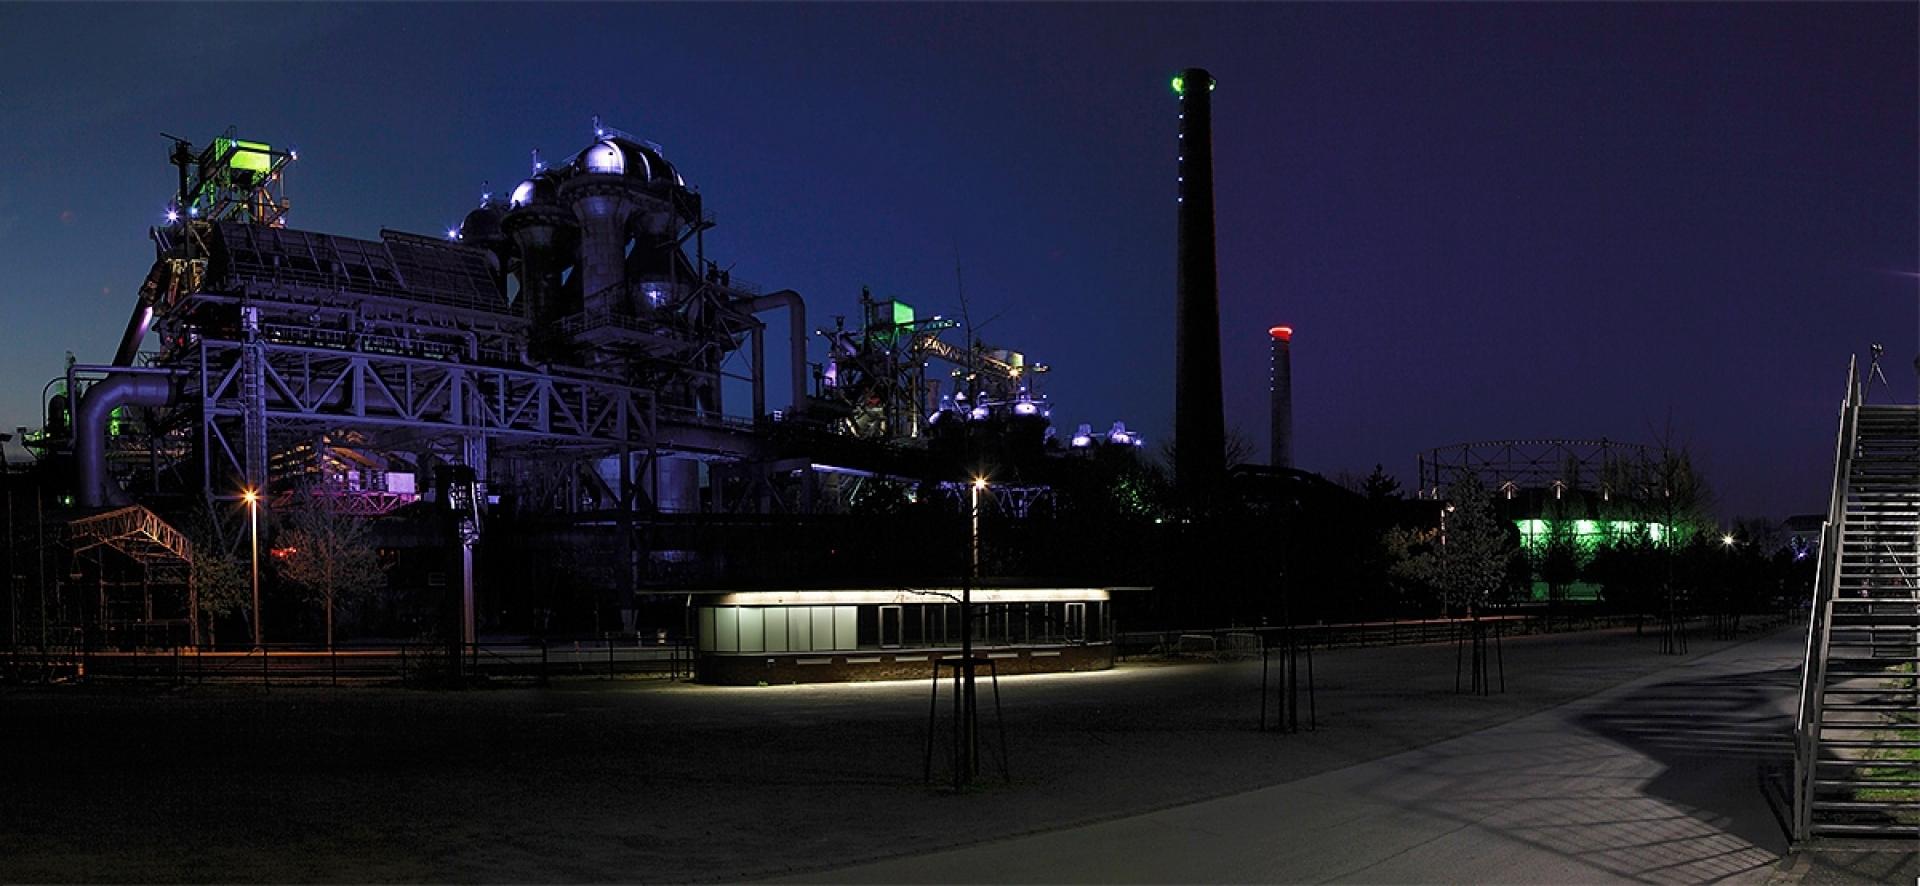 Lichtzeichnen im Landschaftspark - Canon Academy